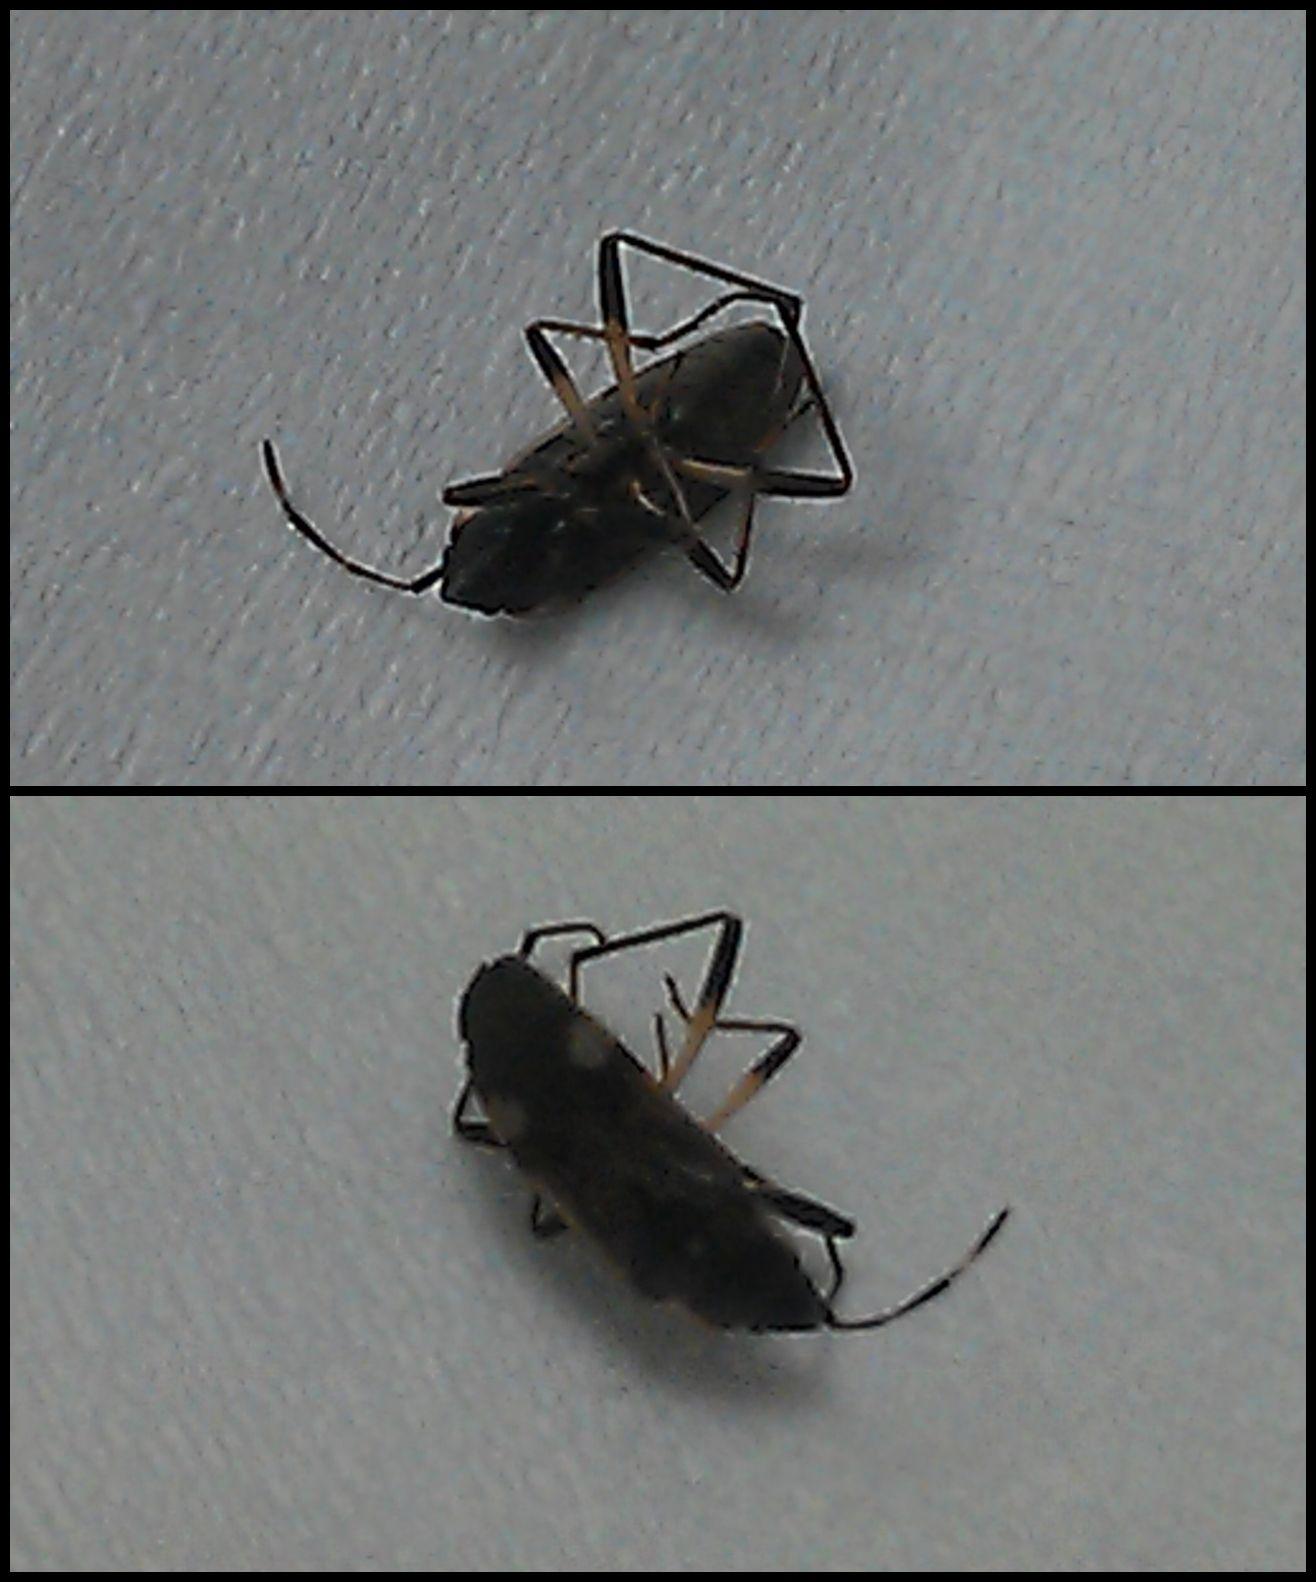 【求辨別昆蟲】黑色有翅膀會飛,一厘米左右,像螞蟻。_百度知道